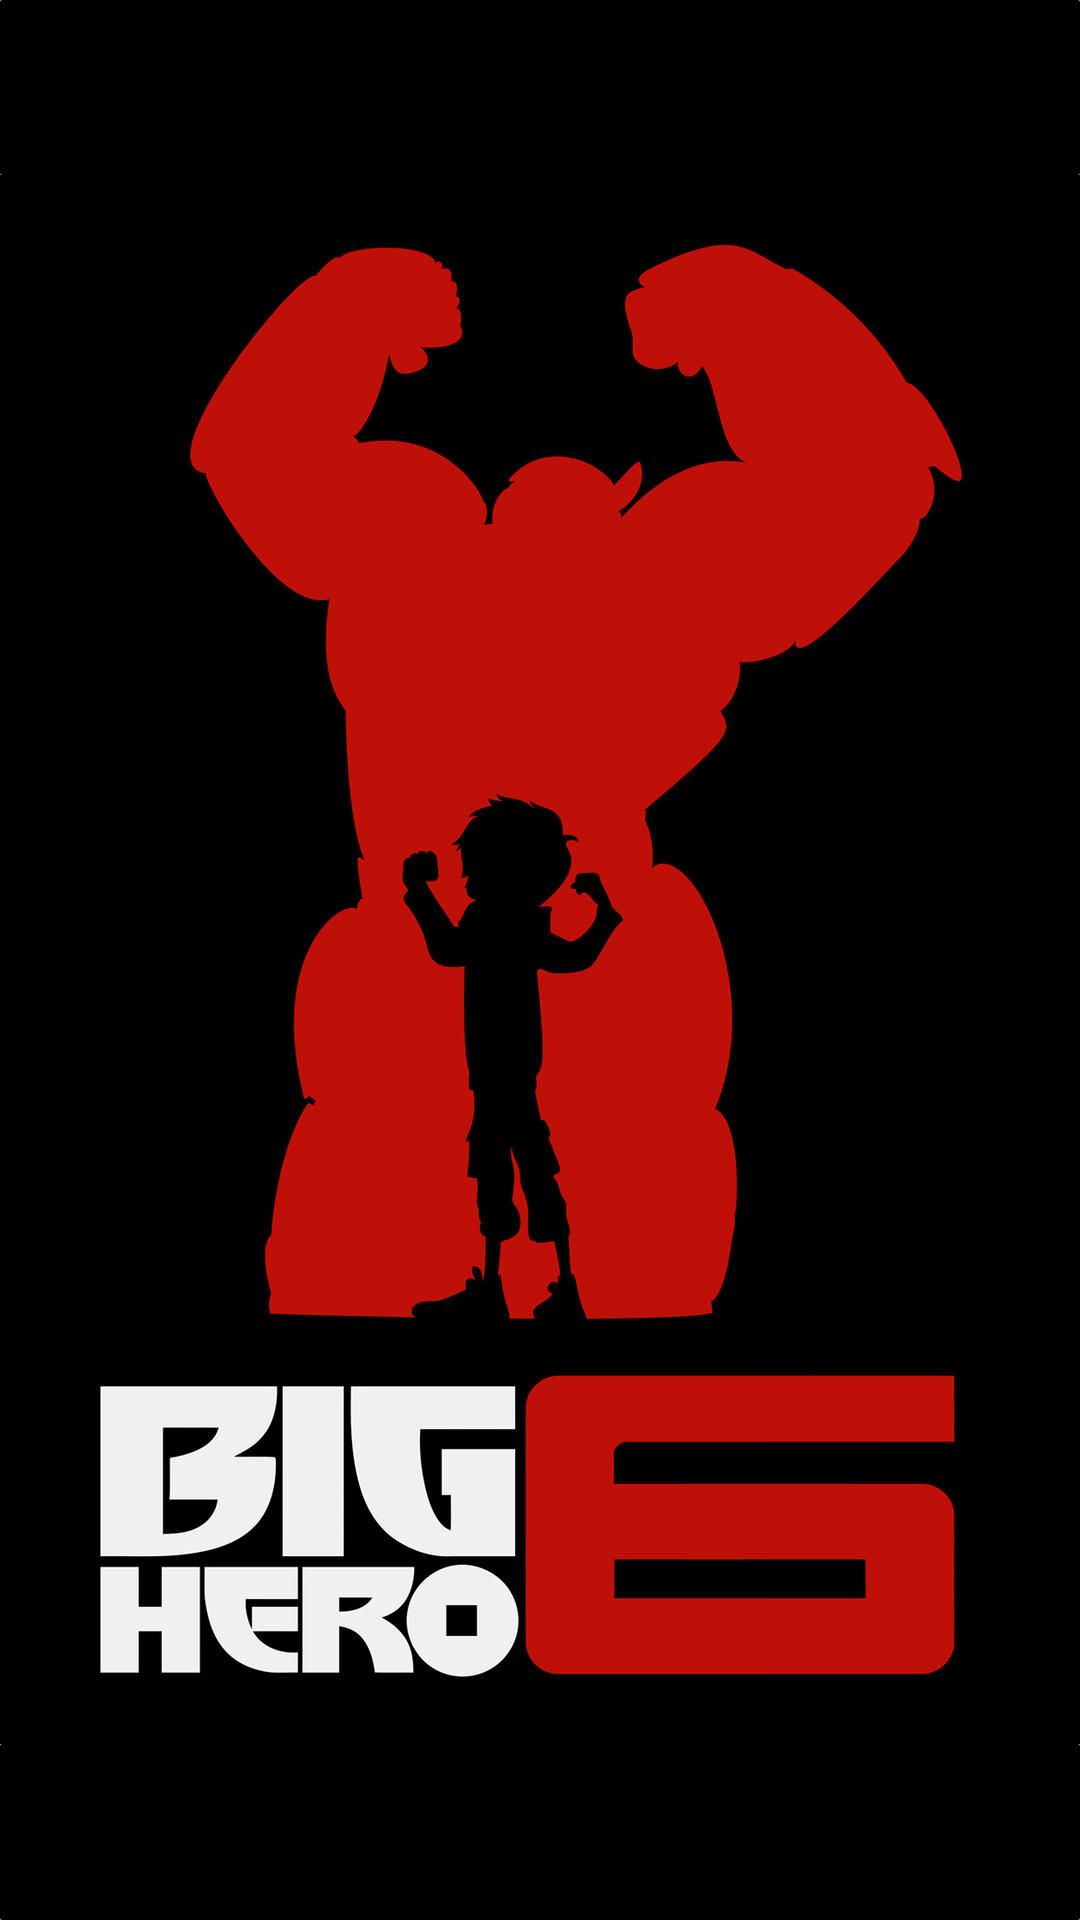 ベイマックスiphone壁紙 Big Hero 6 Iphone Wallpaper 壁紙